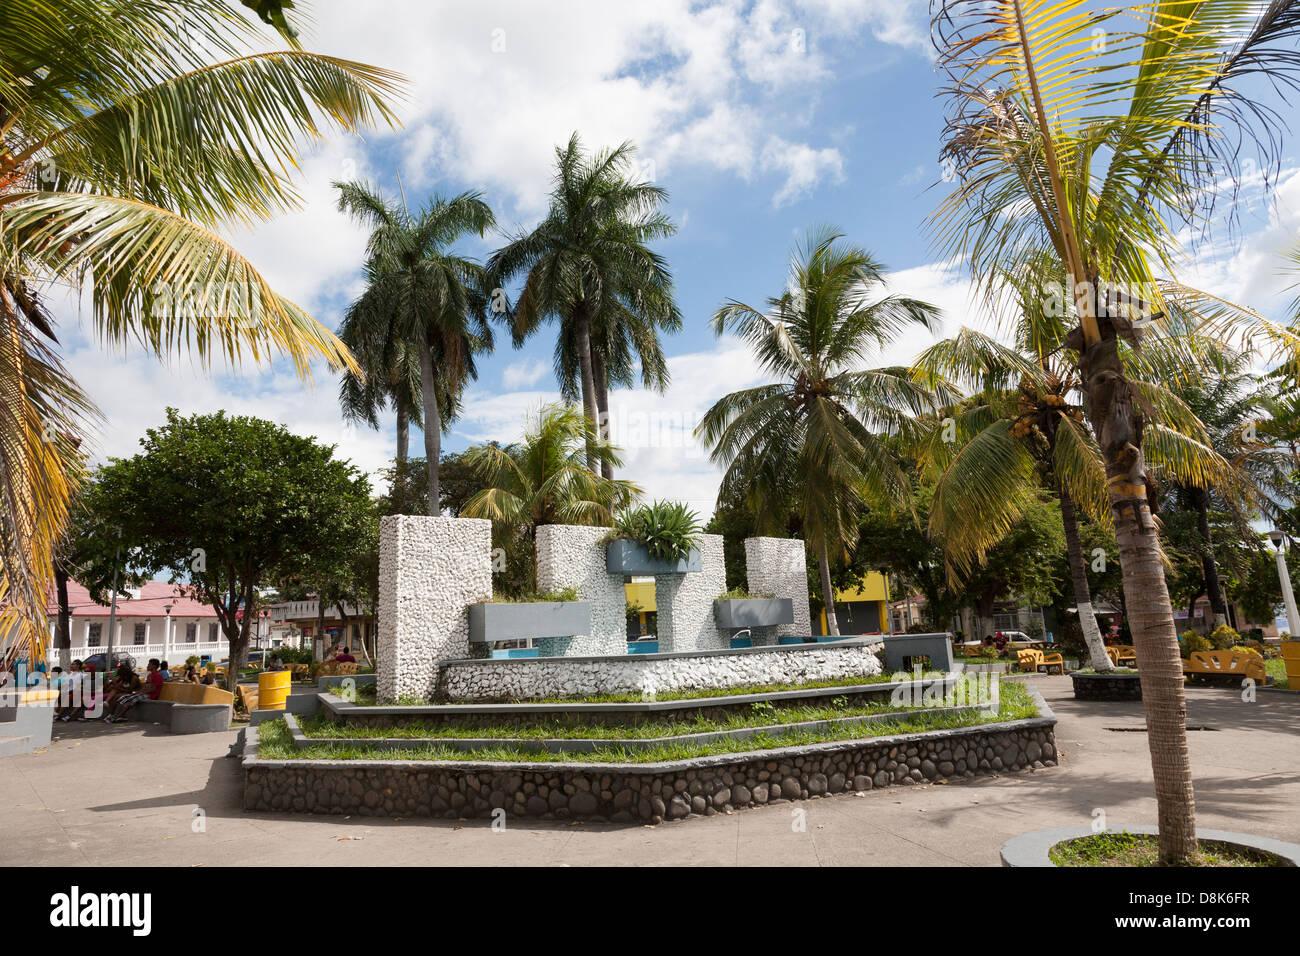 Parque Central, Liberia, Guanacaste, Cosata Rica - Stock Image